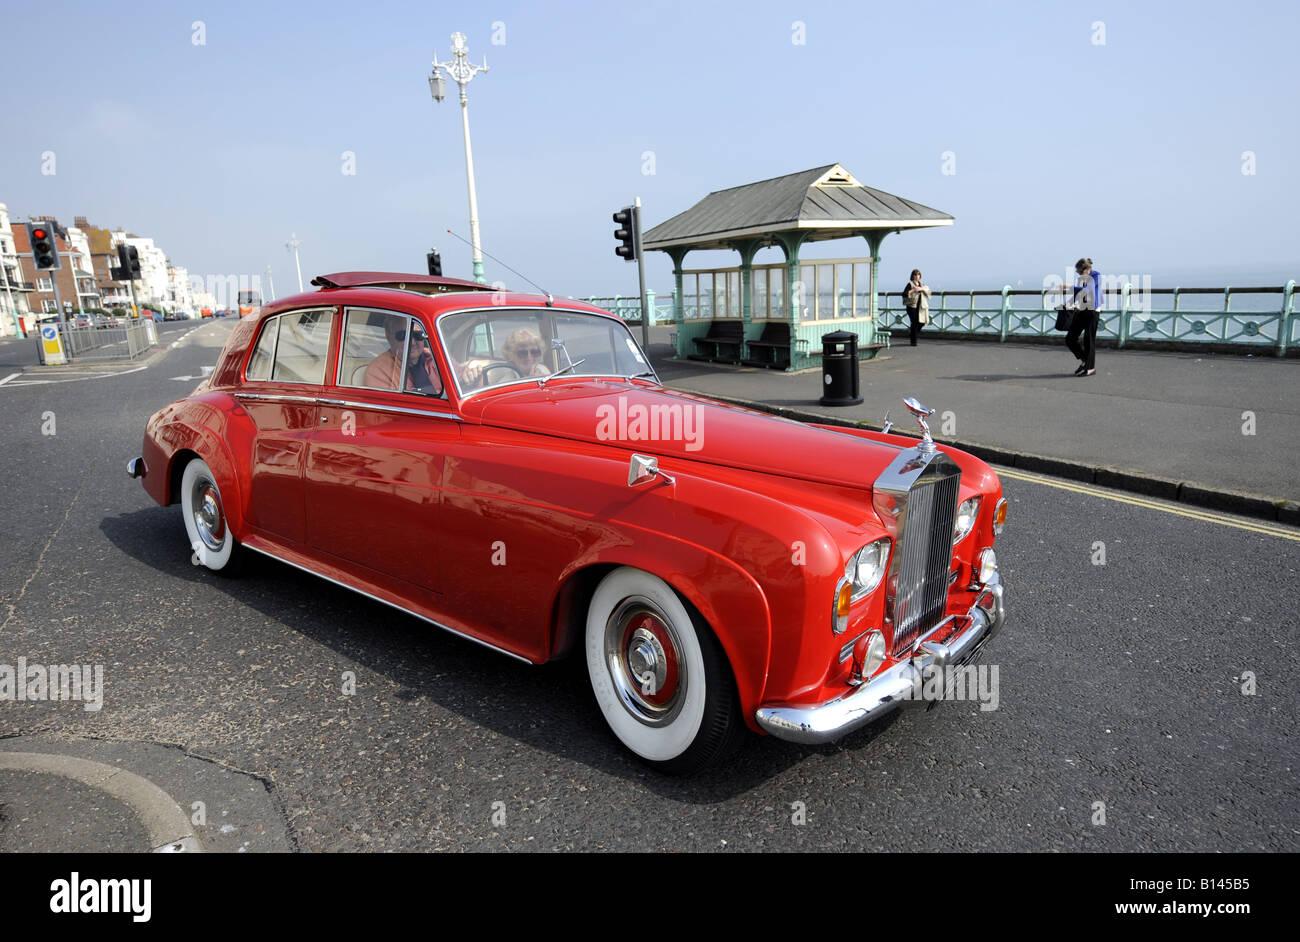 Ein rot wird Rolls-Royce Silver Cloud auf Brighton Seafront UK Juni 2008 Stockbild